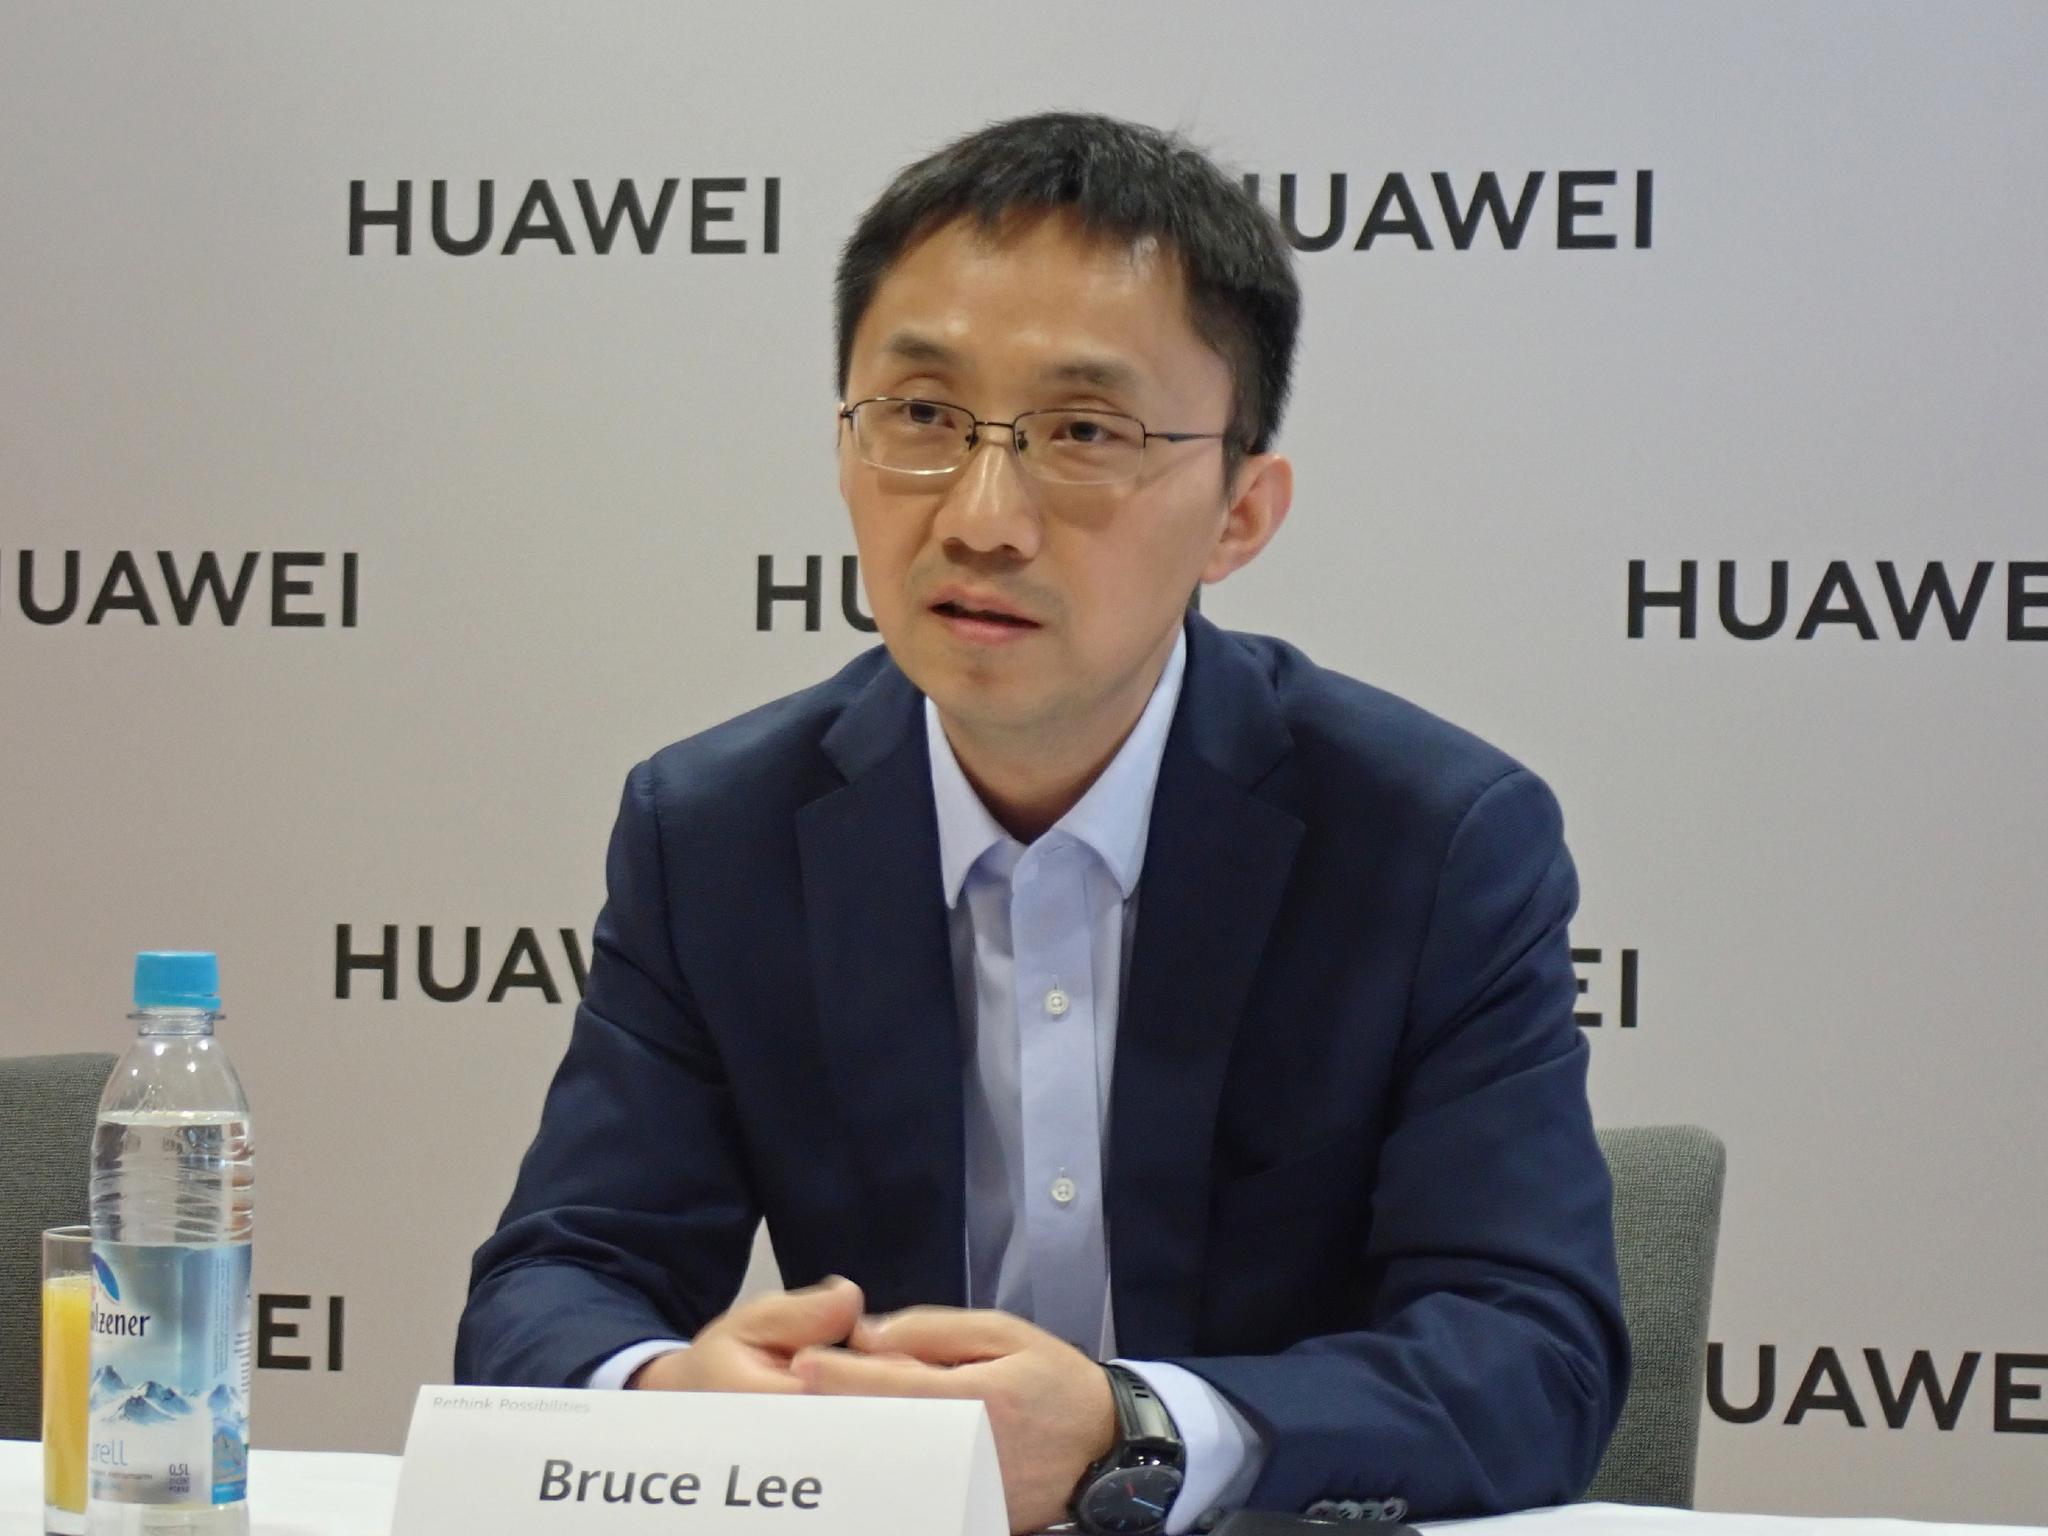 华为李小龙:Mate30系列研发投入近3亿美元,5G手机并不超前